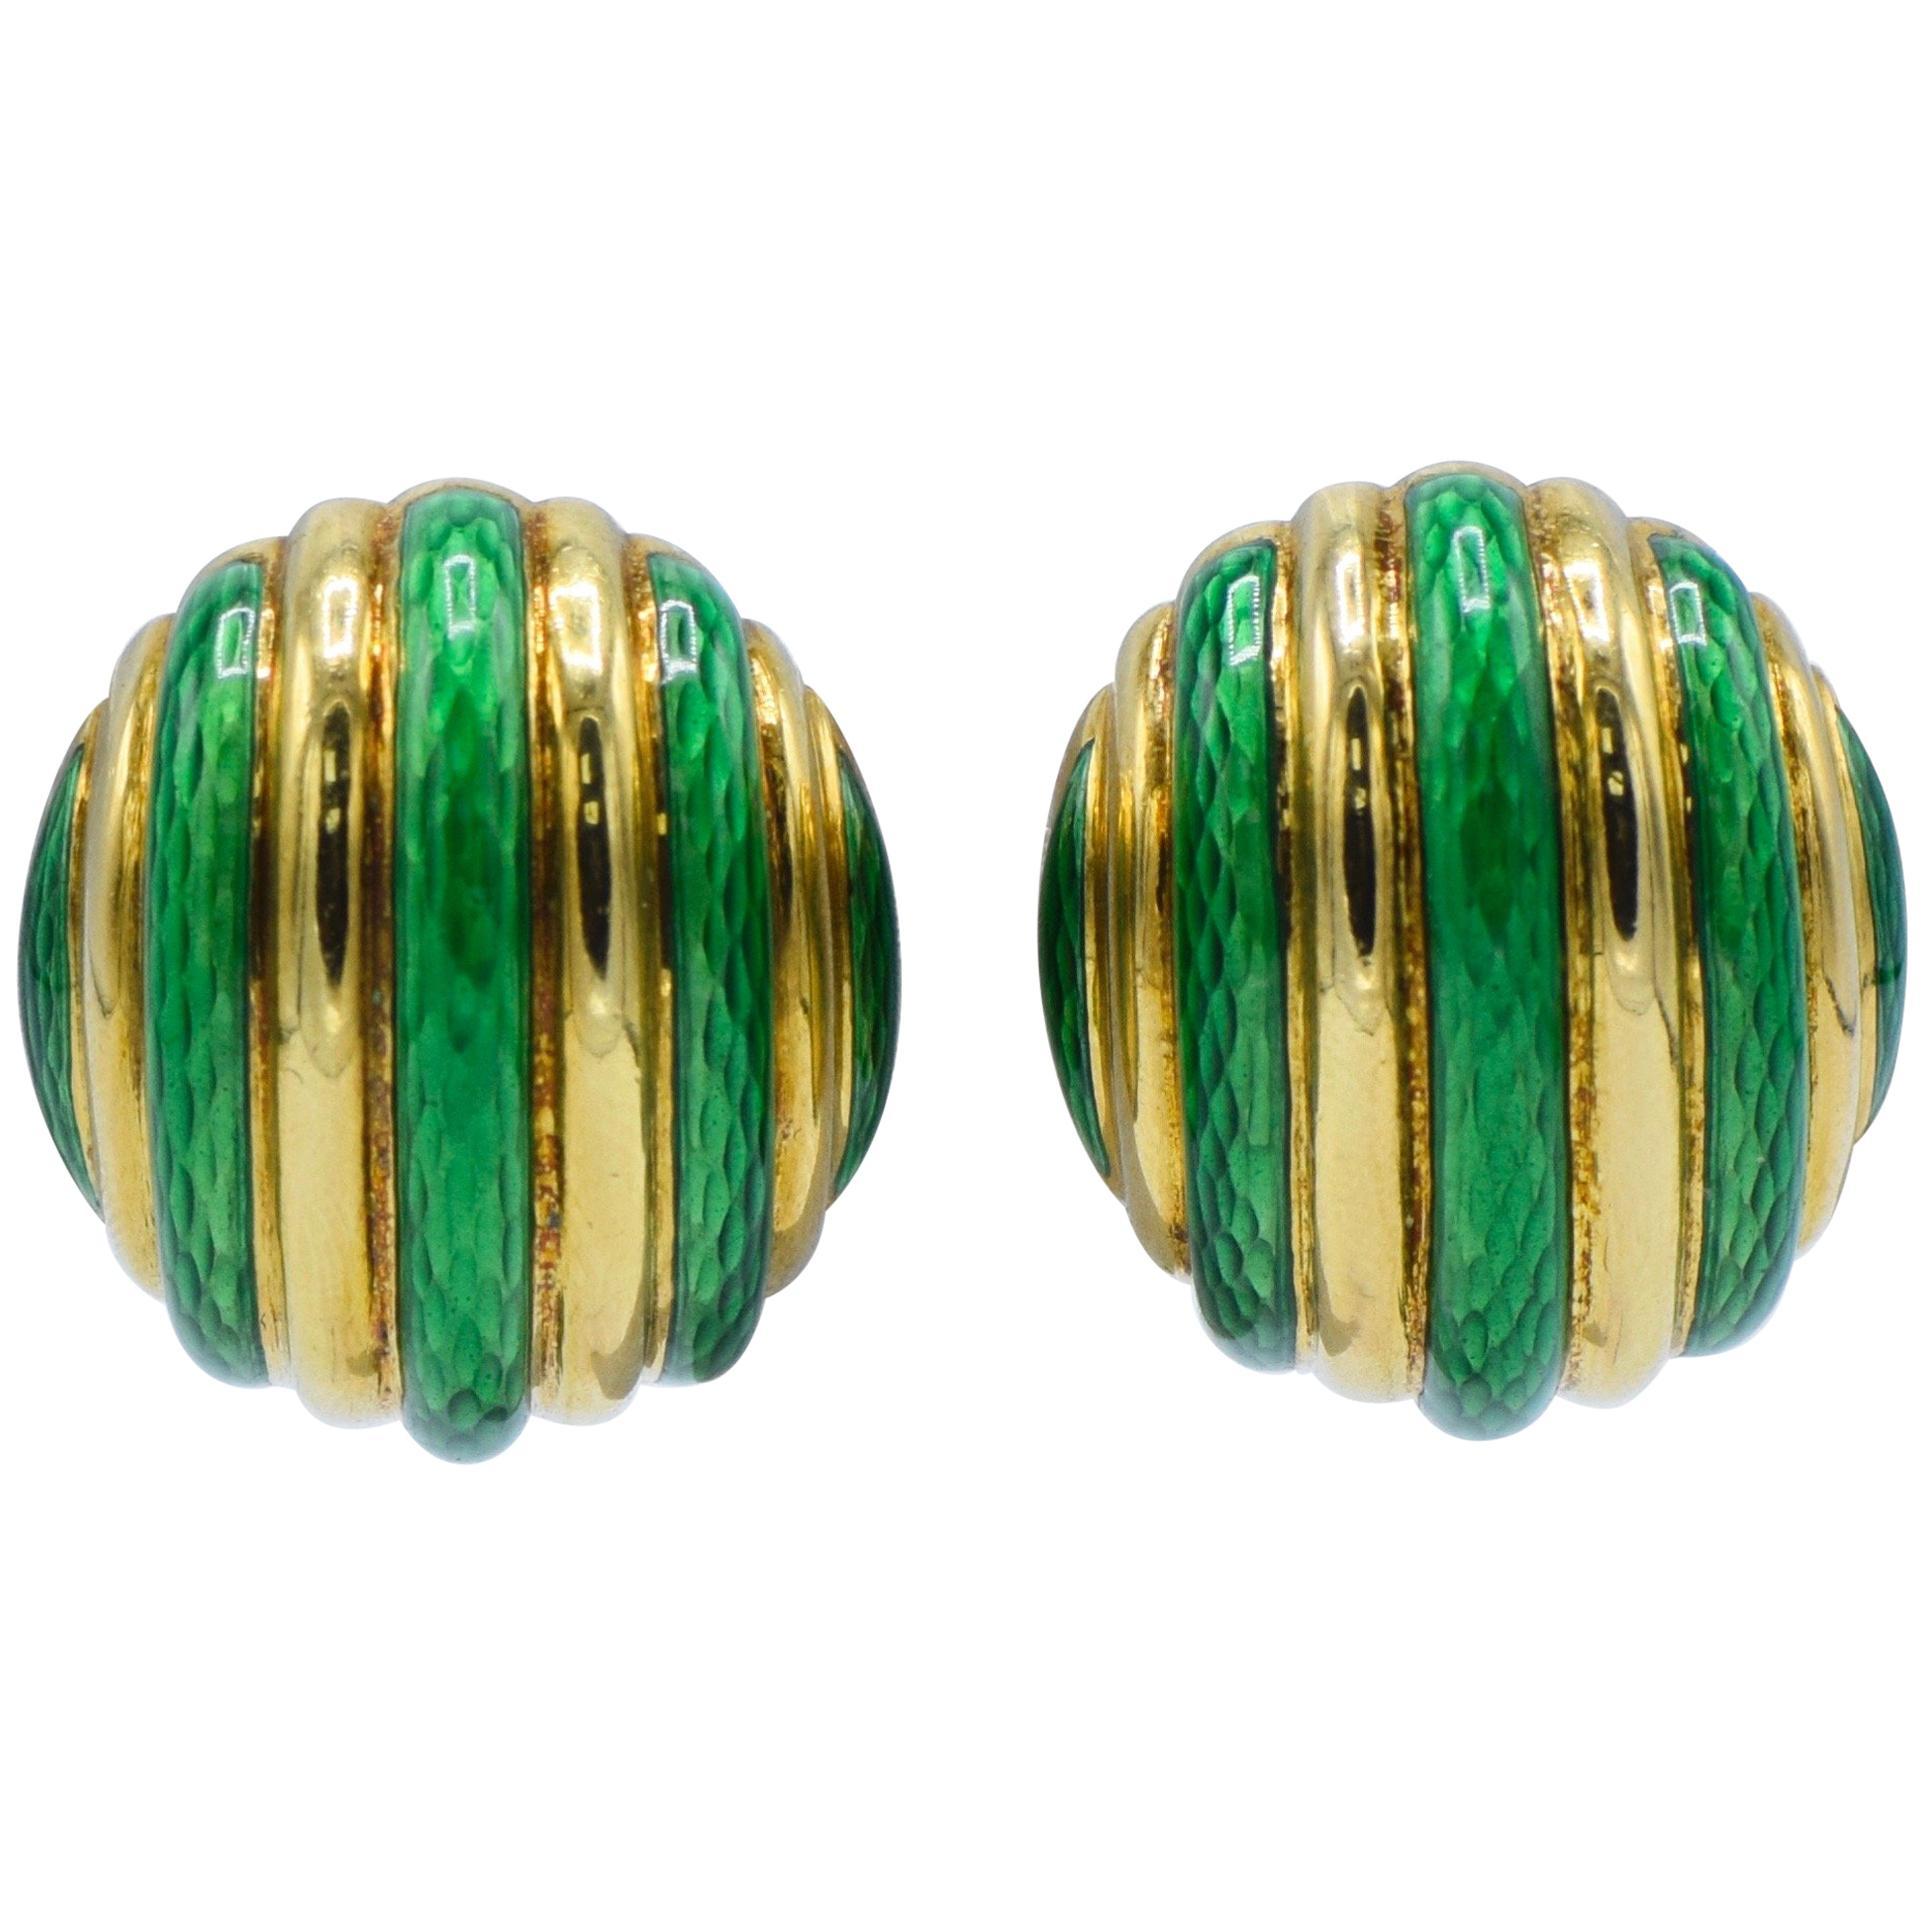 Tiffany & Co. 18 Karat Yellow Gold with Green Enamel Clip-On Earrings